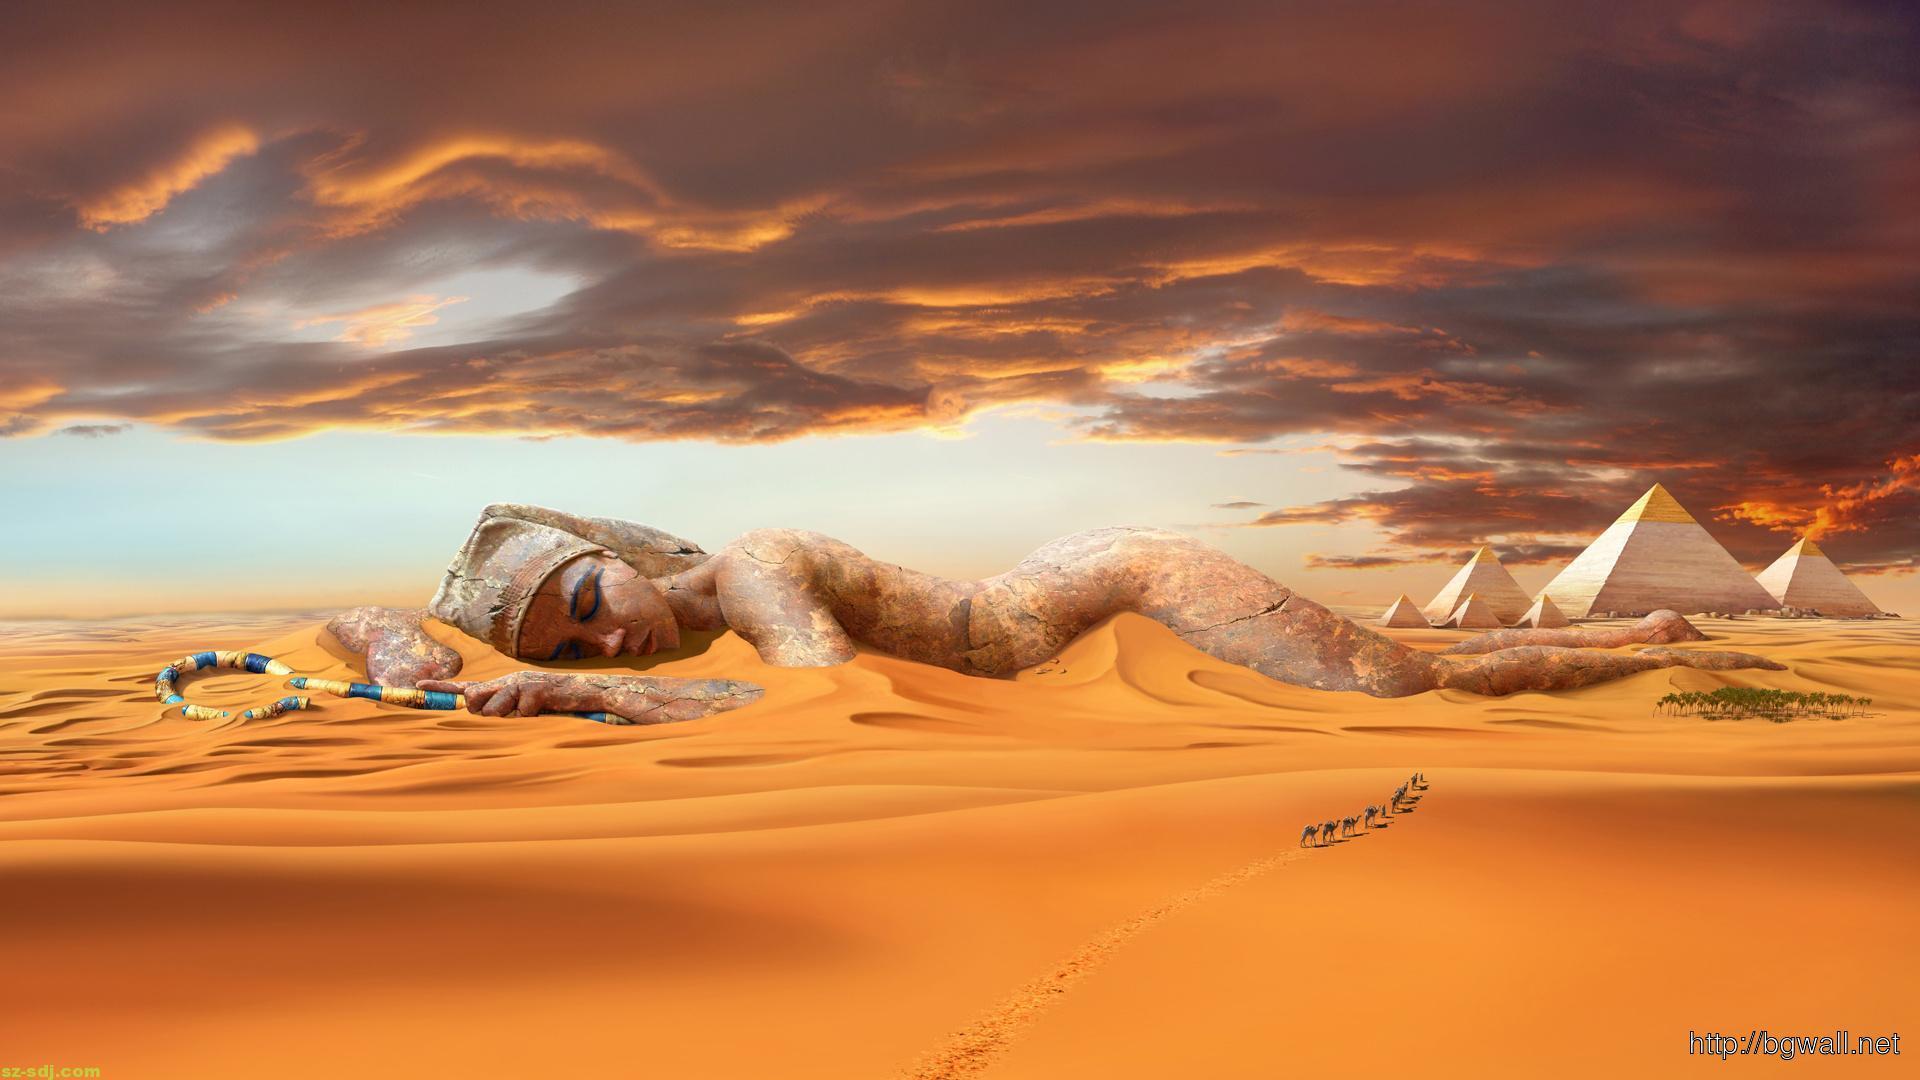 cool-art-desert-wallpaper